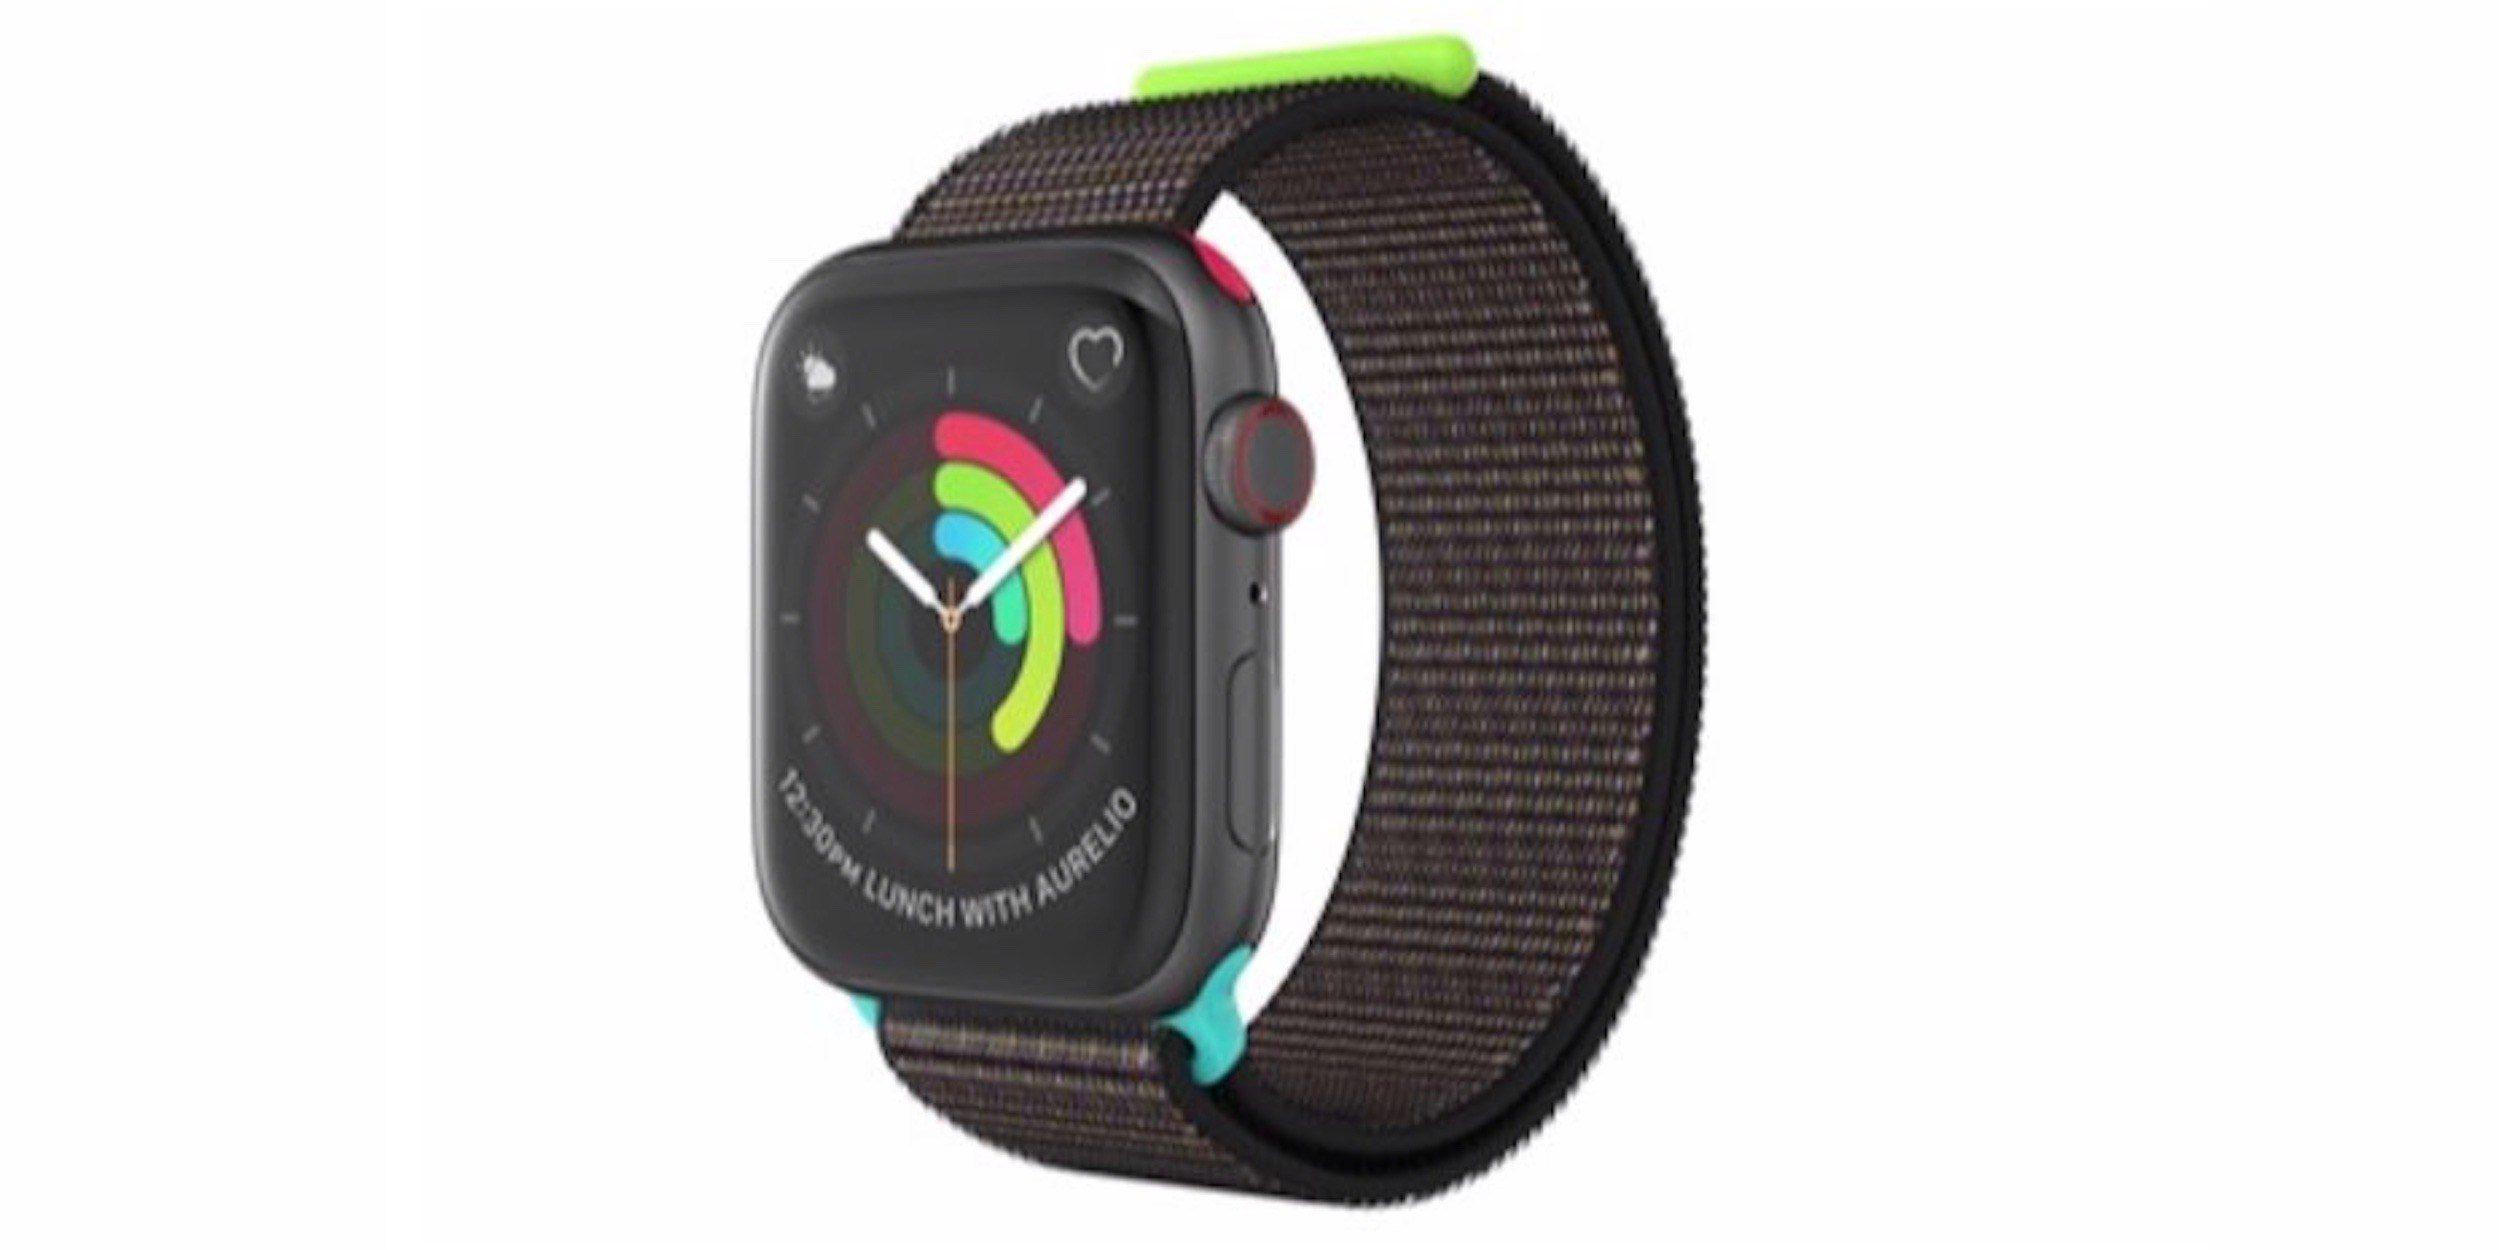 Pulseira especial do Apple Watch para funcionários que concluírem o desafio de 2019